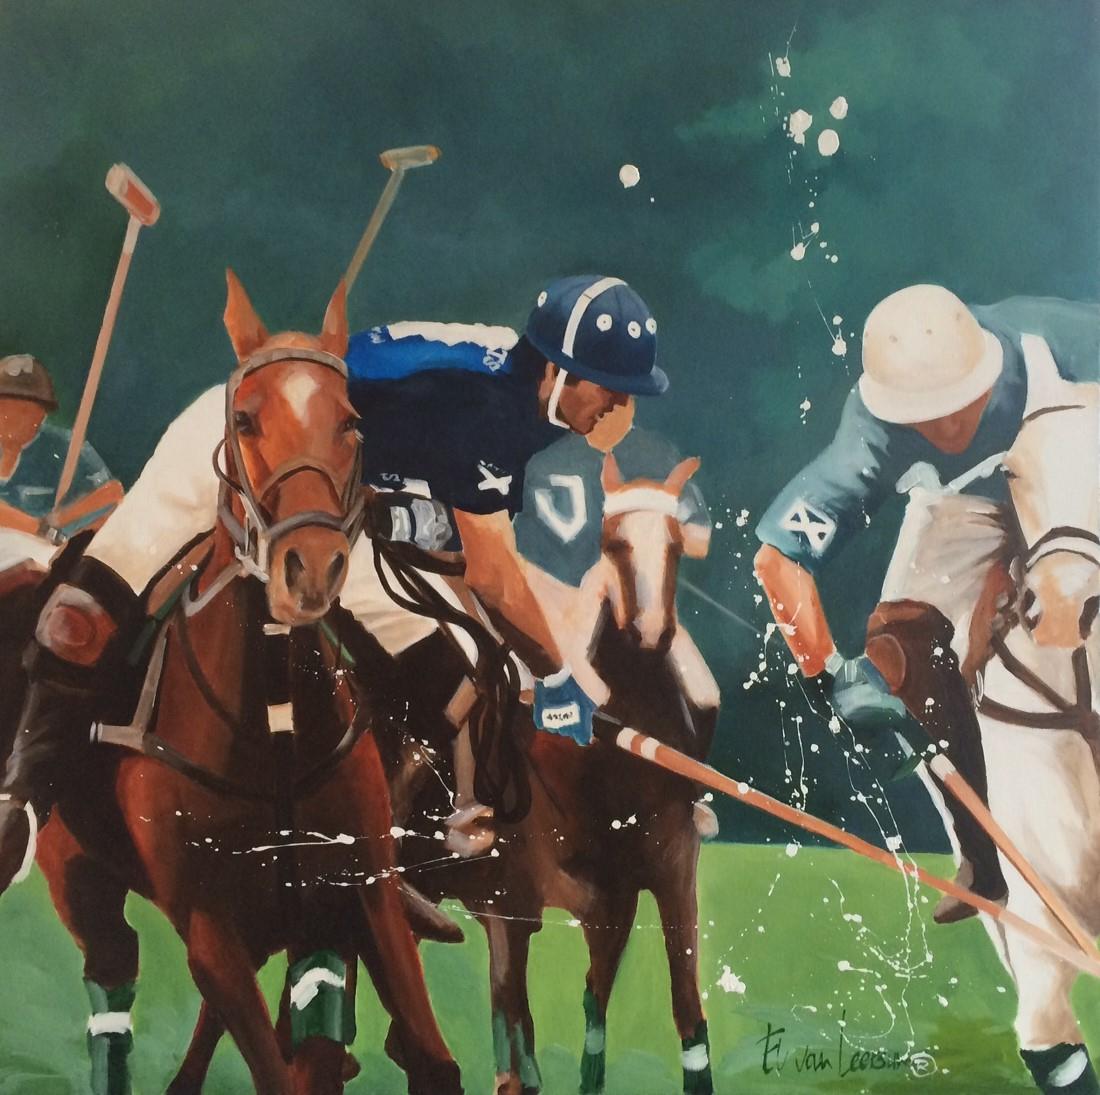 Origineel El van Leersum Polo schilderij 100x100